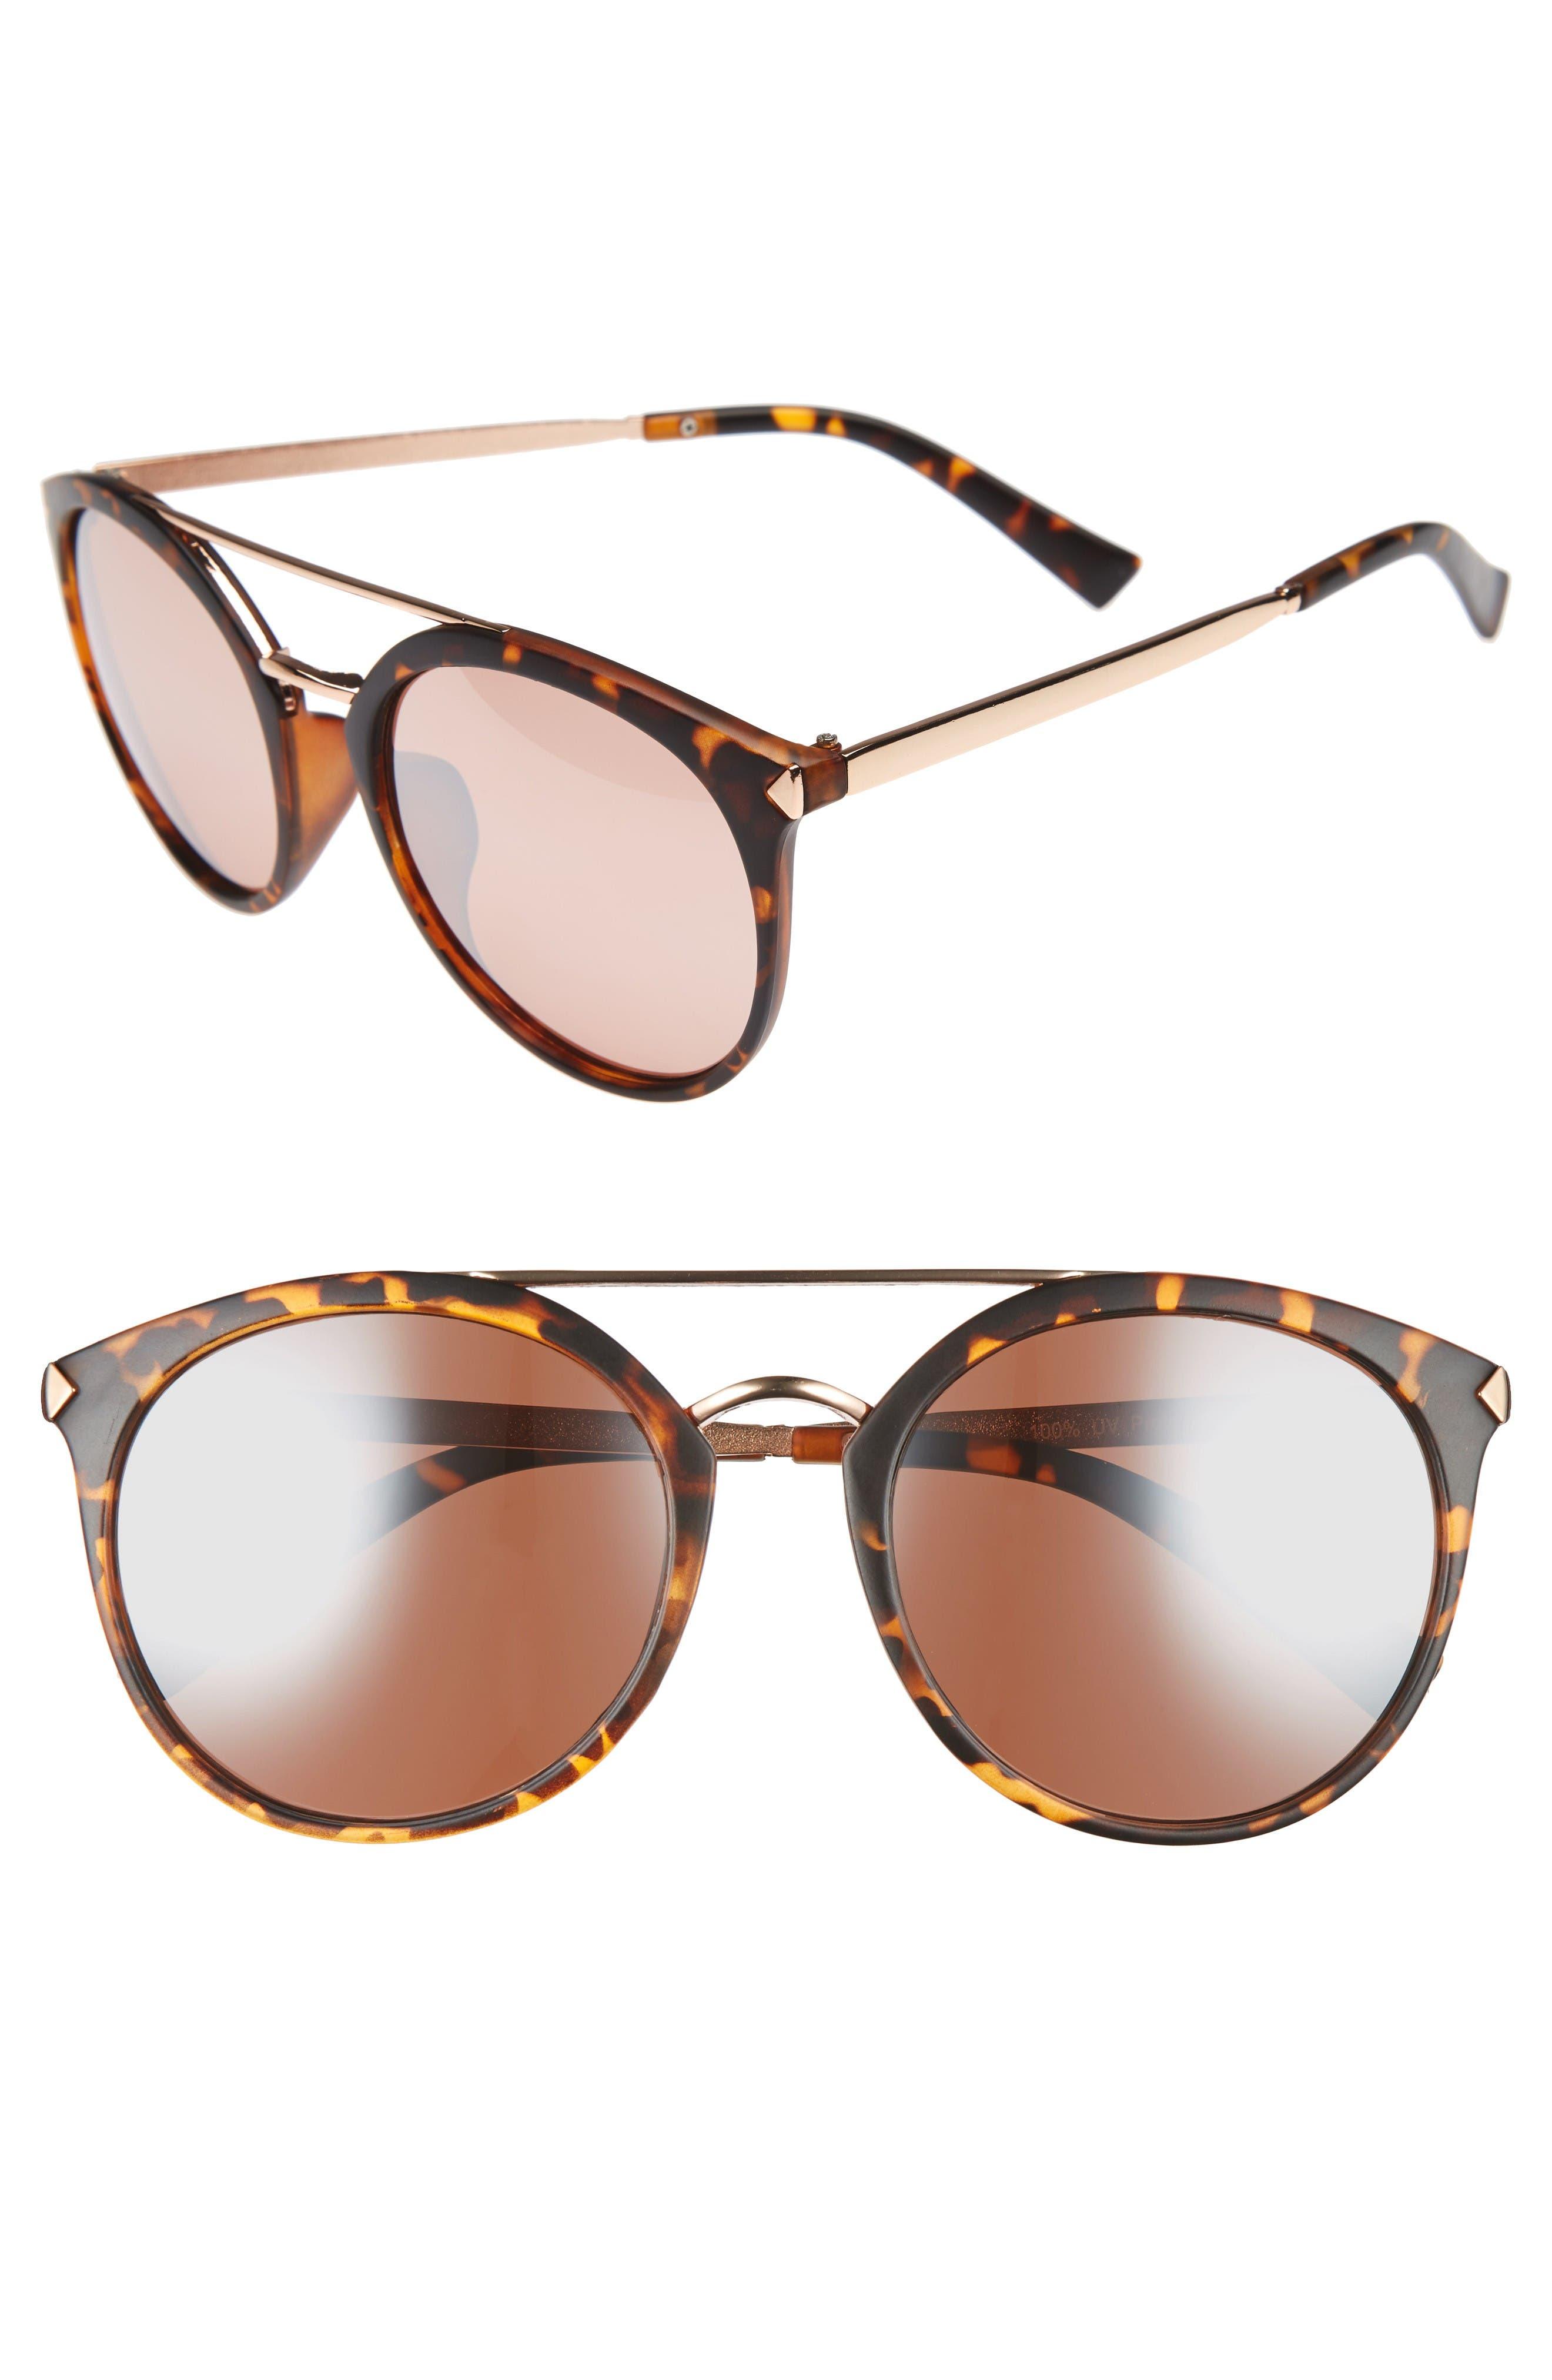 Main Image - BP. 55mm Mirrored Sunglasses